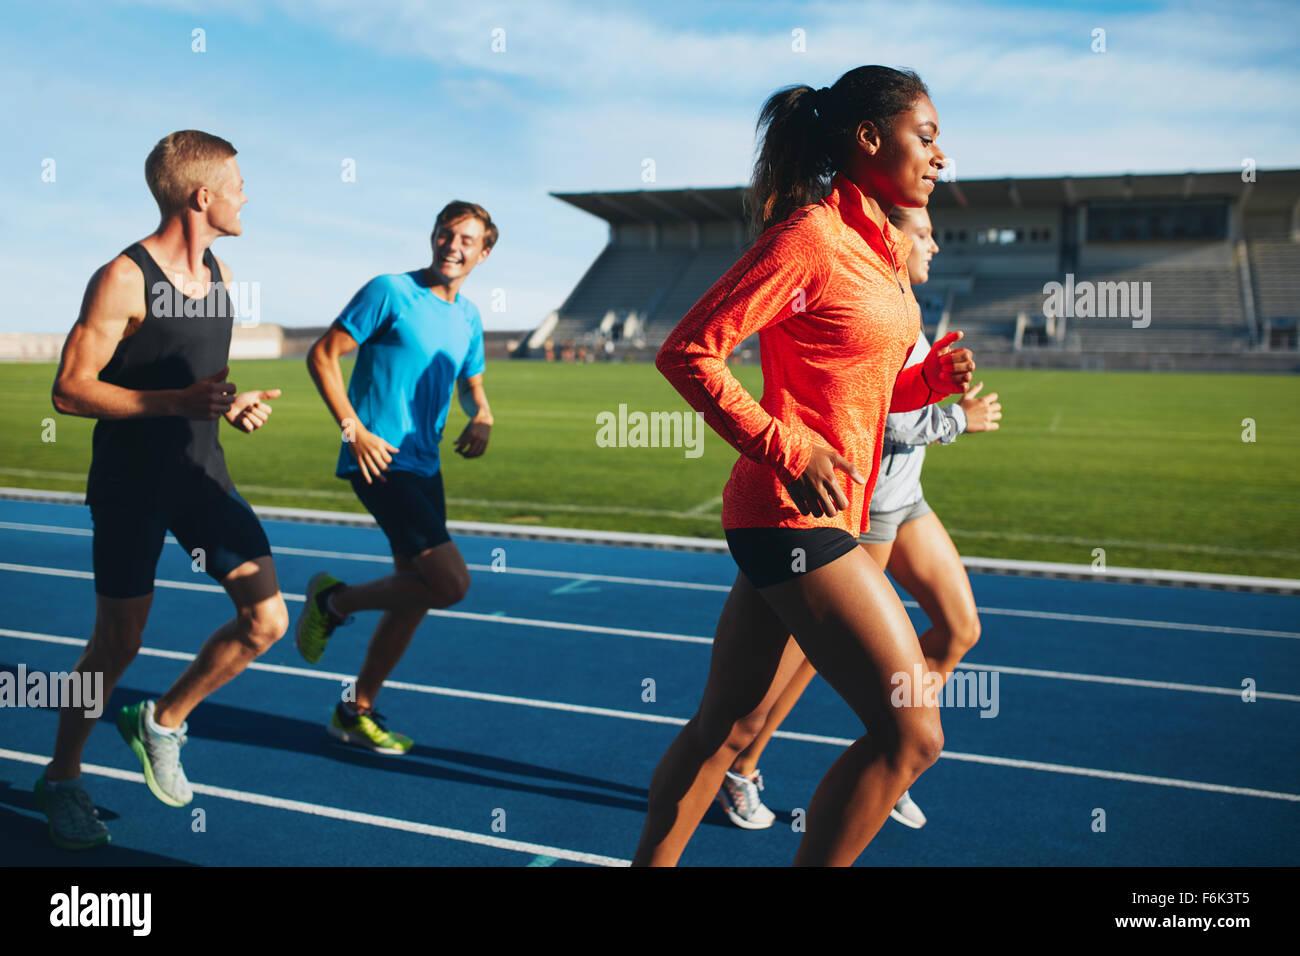 Mettre en place les hommes et les femmes s'exécutant sur une piste de course. Les athlètes pratiquant Photo Stock